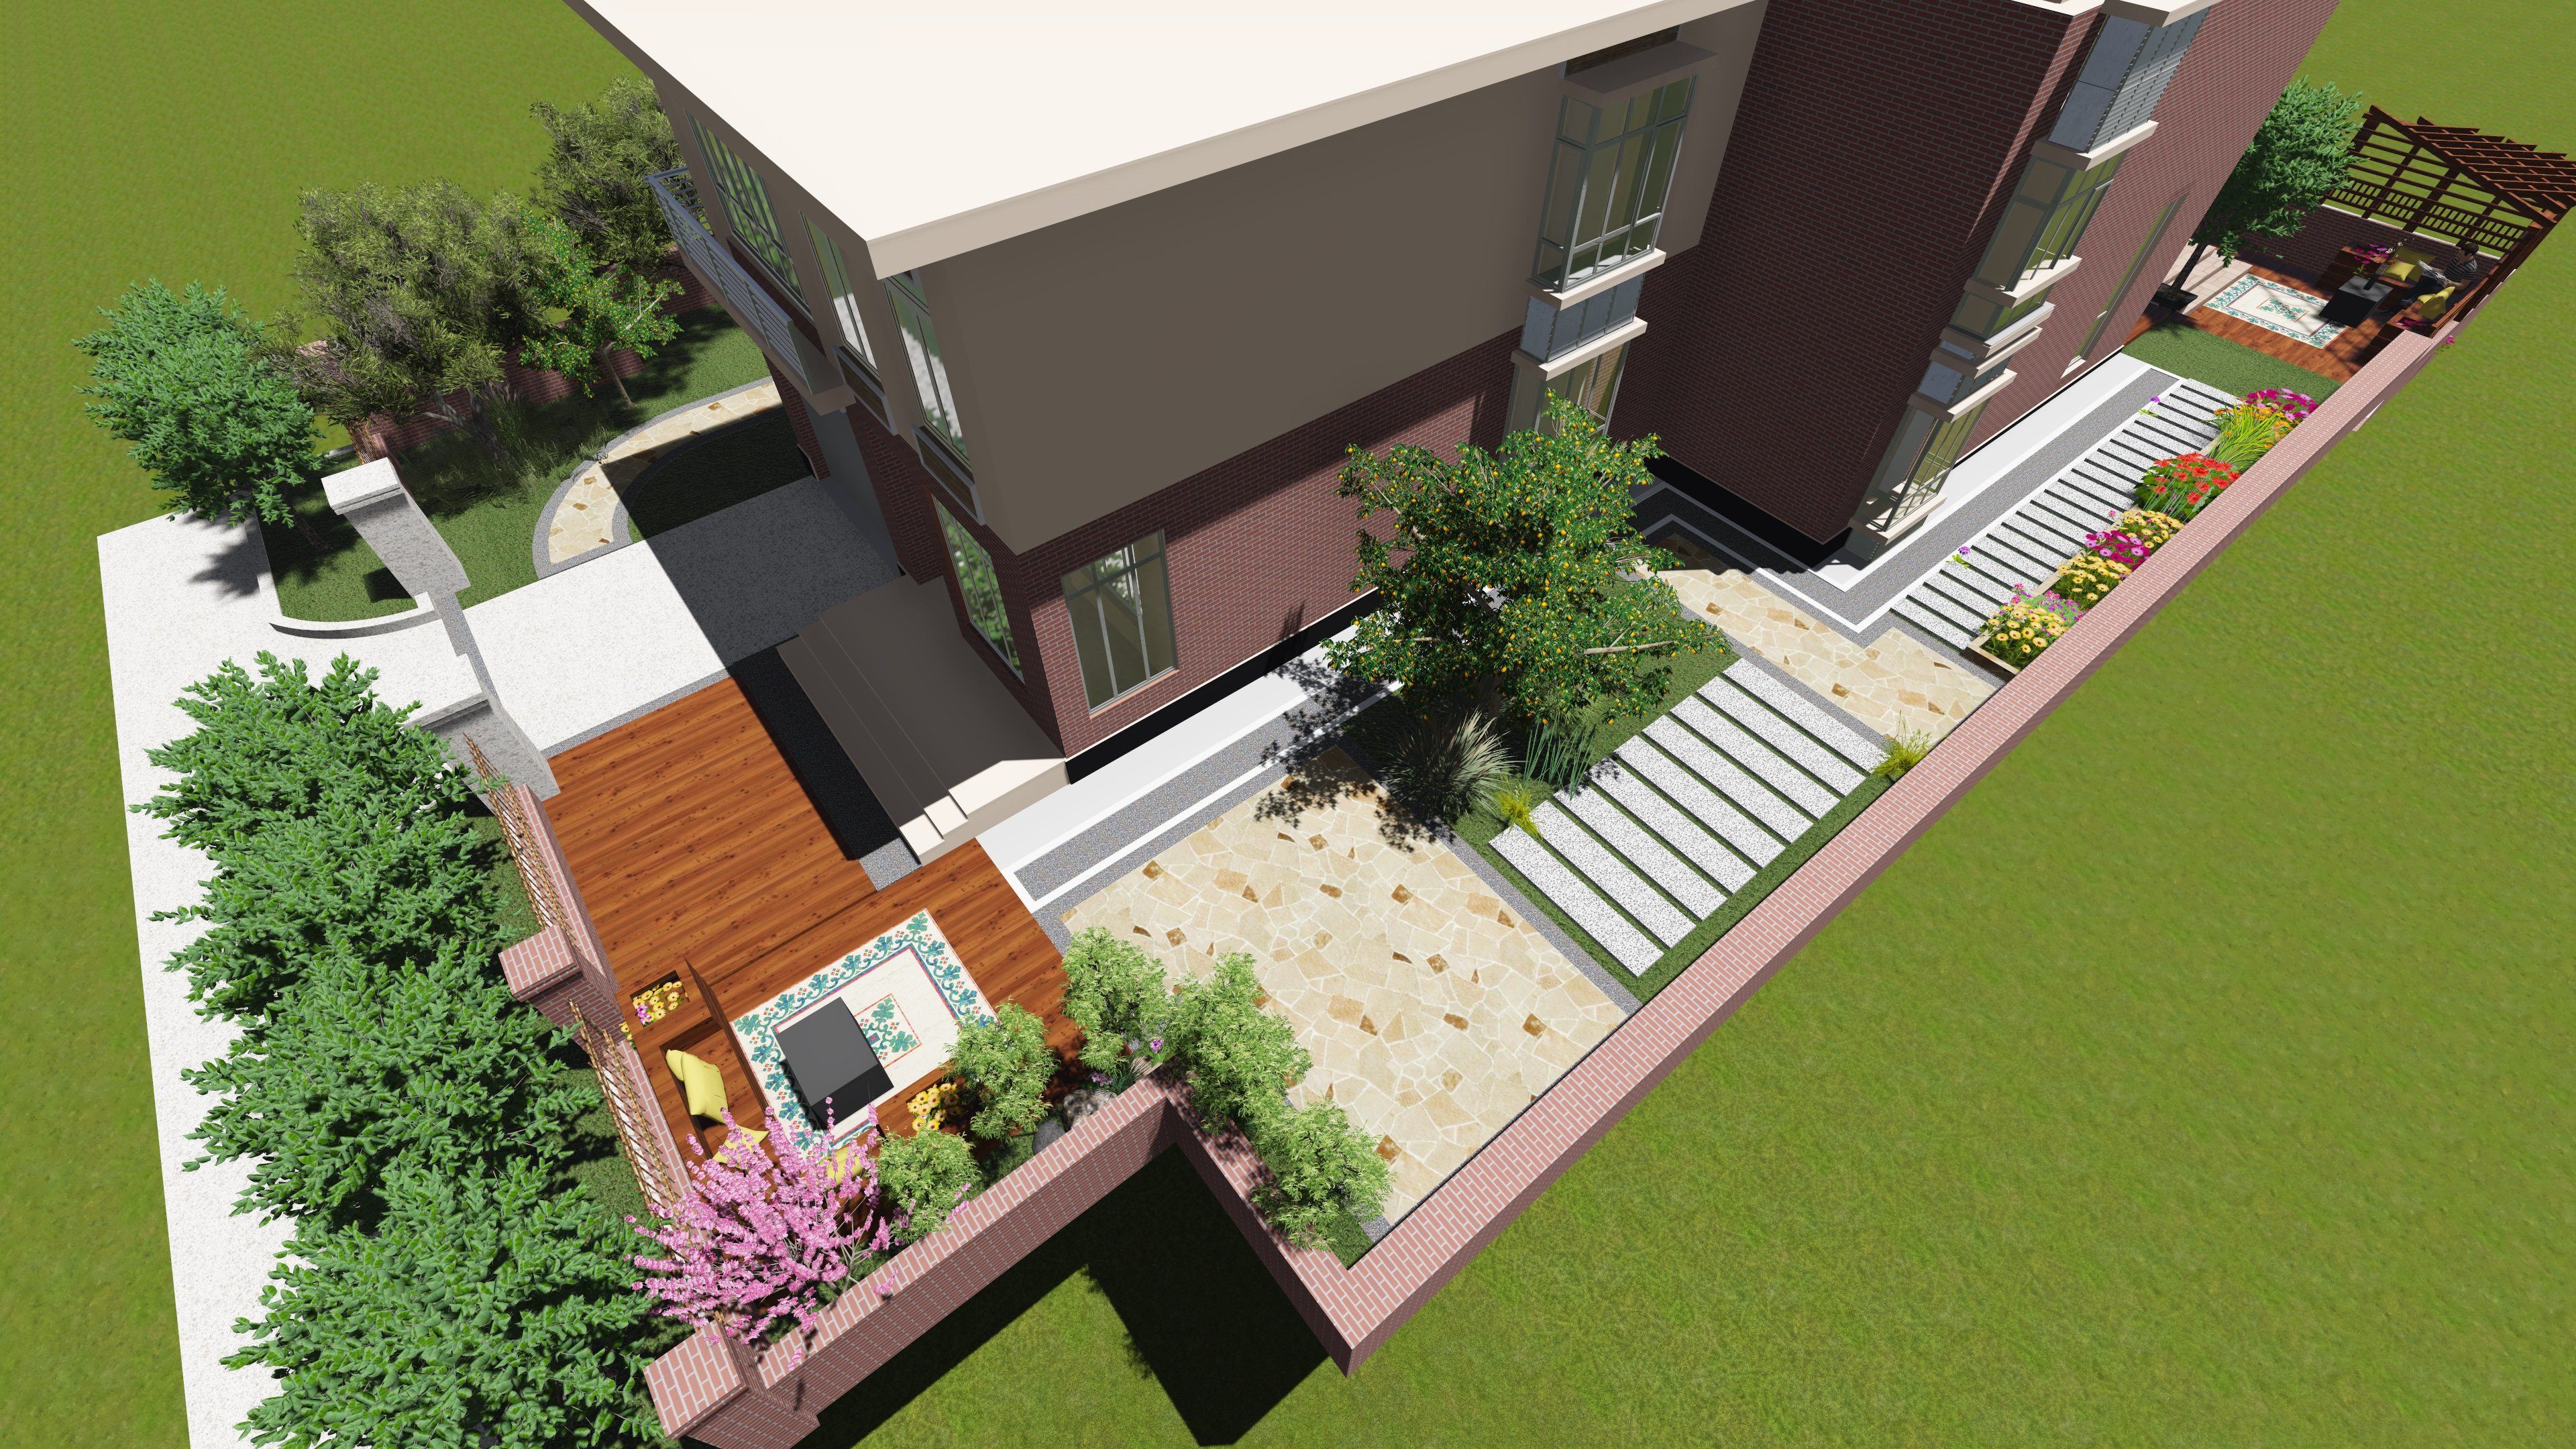 现代庭院花园景观设计风格分析图片